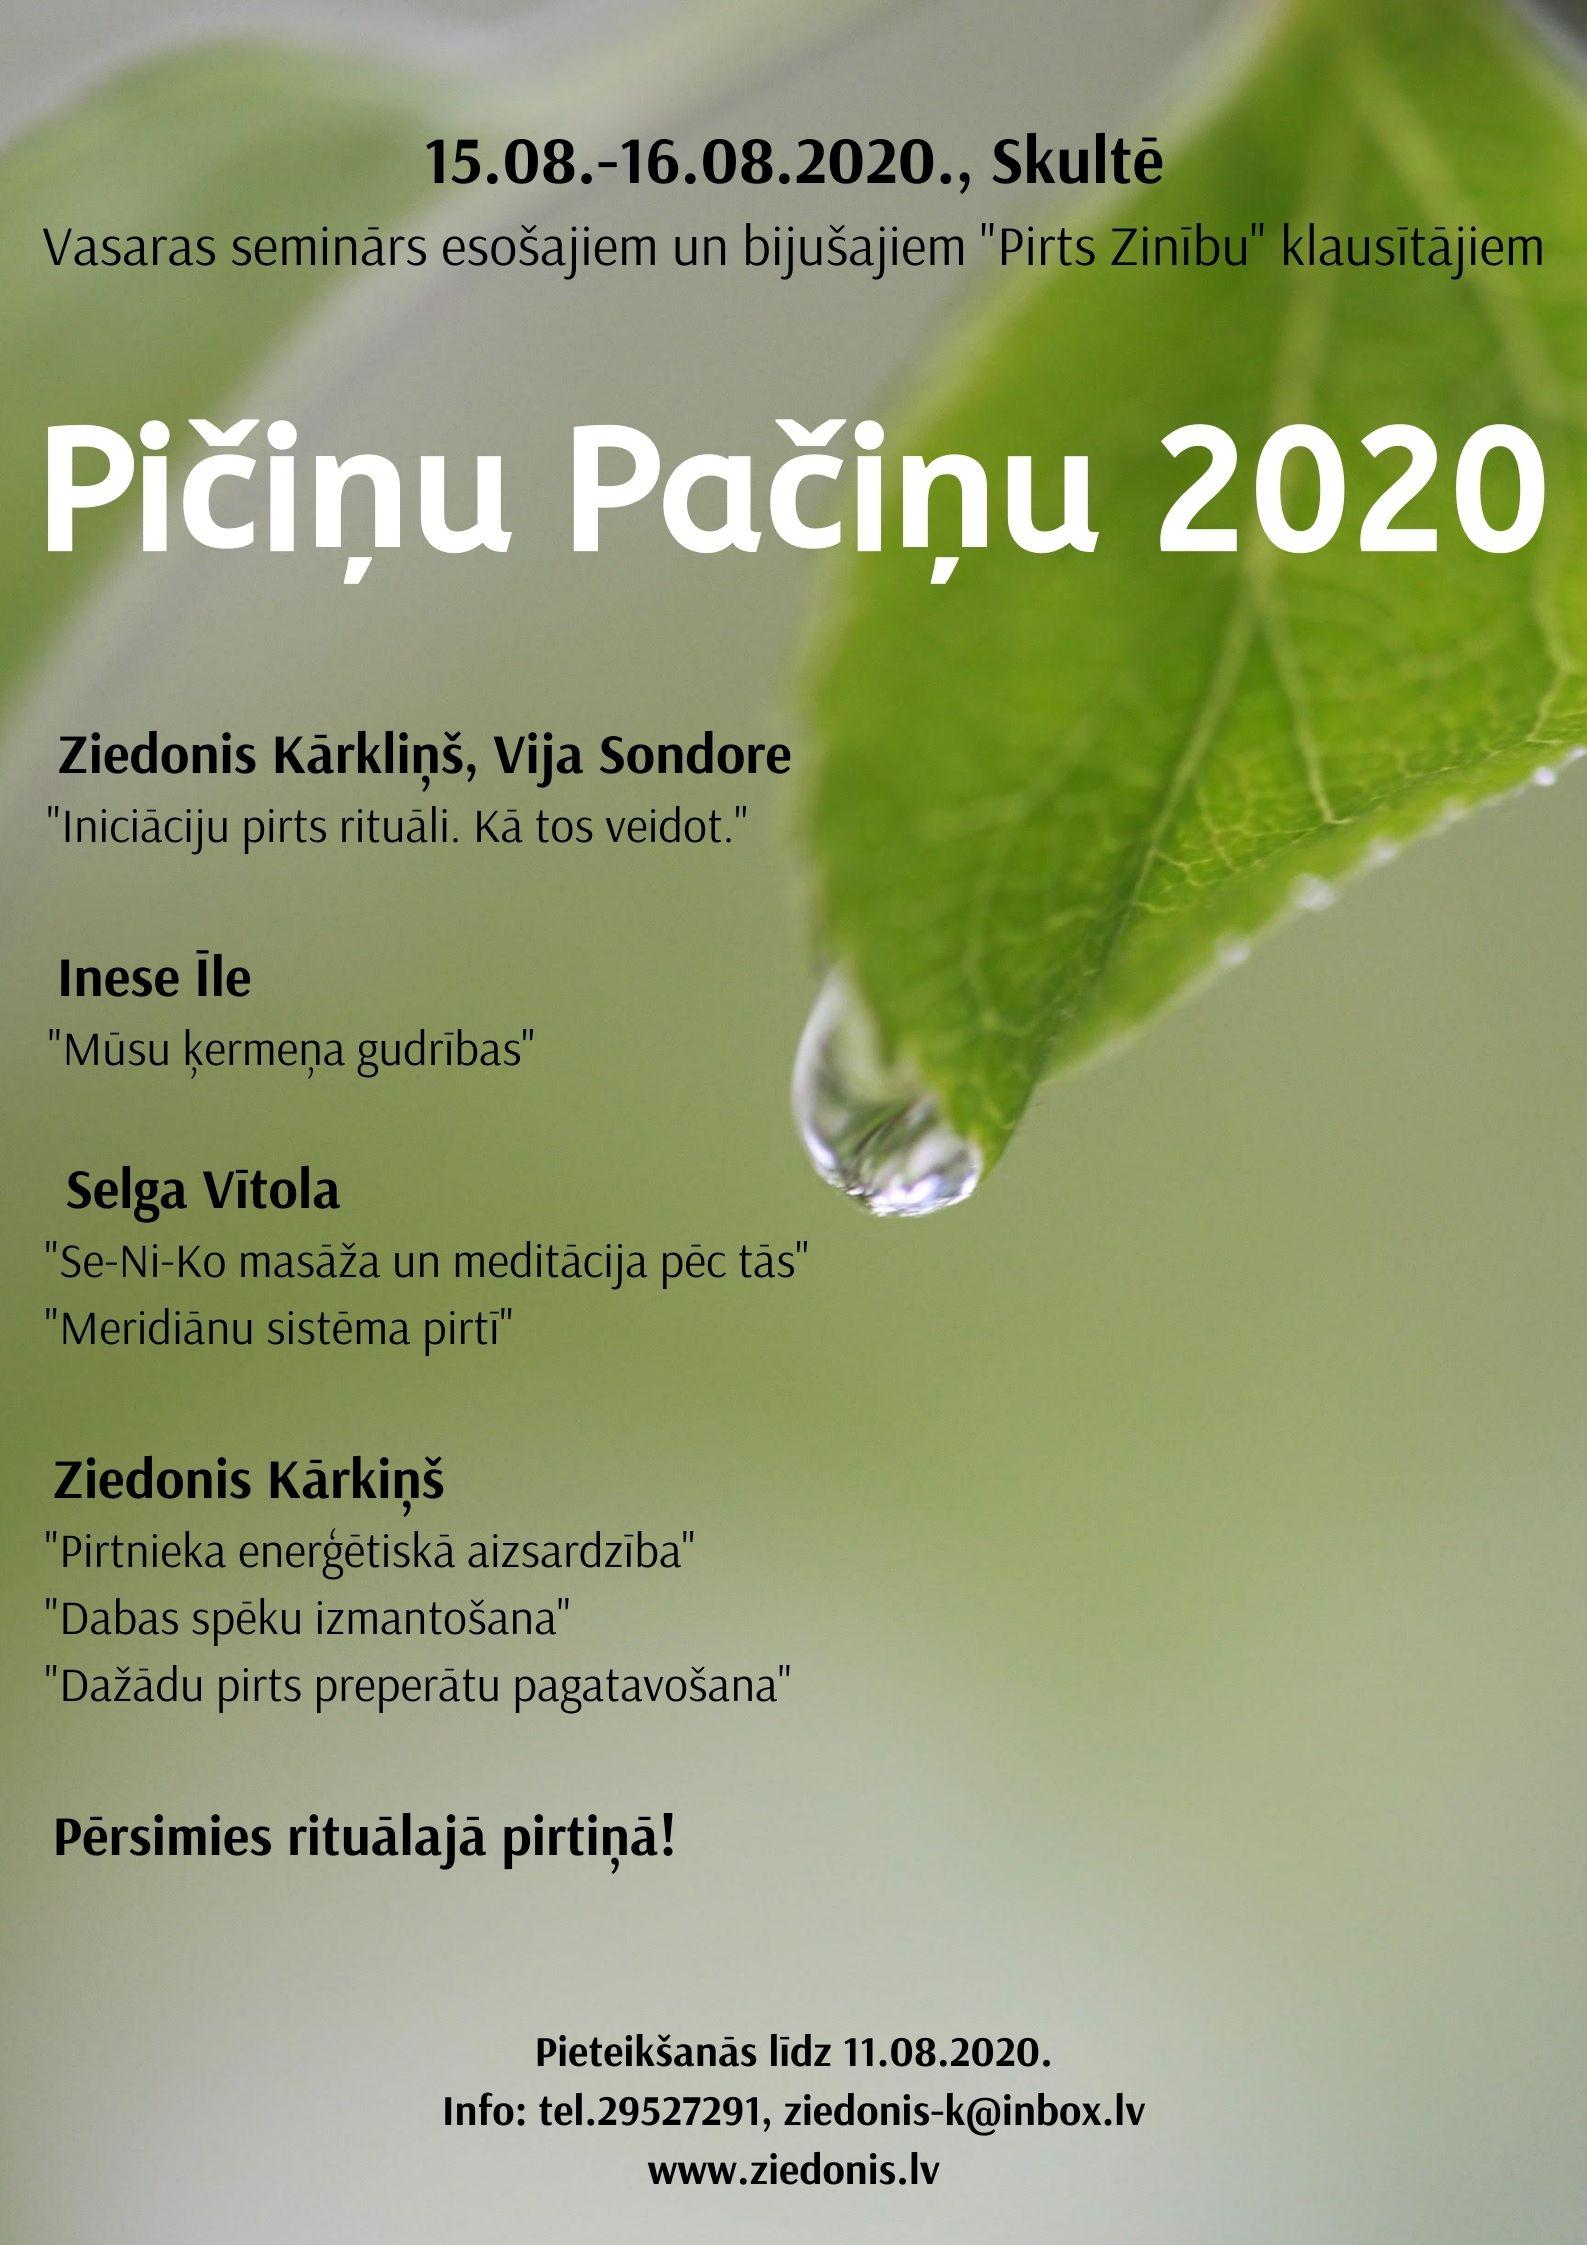 PicinuPacinu2020_programma